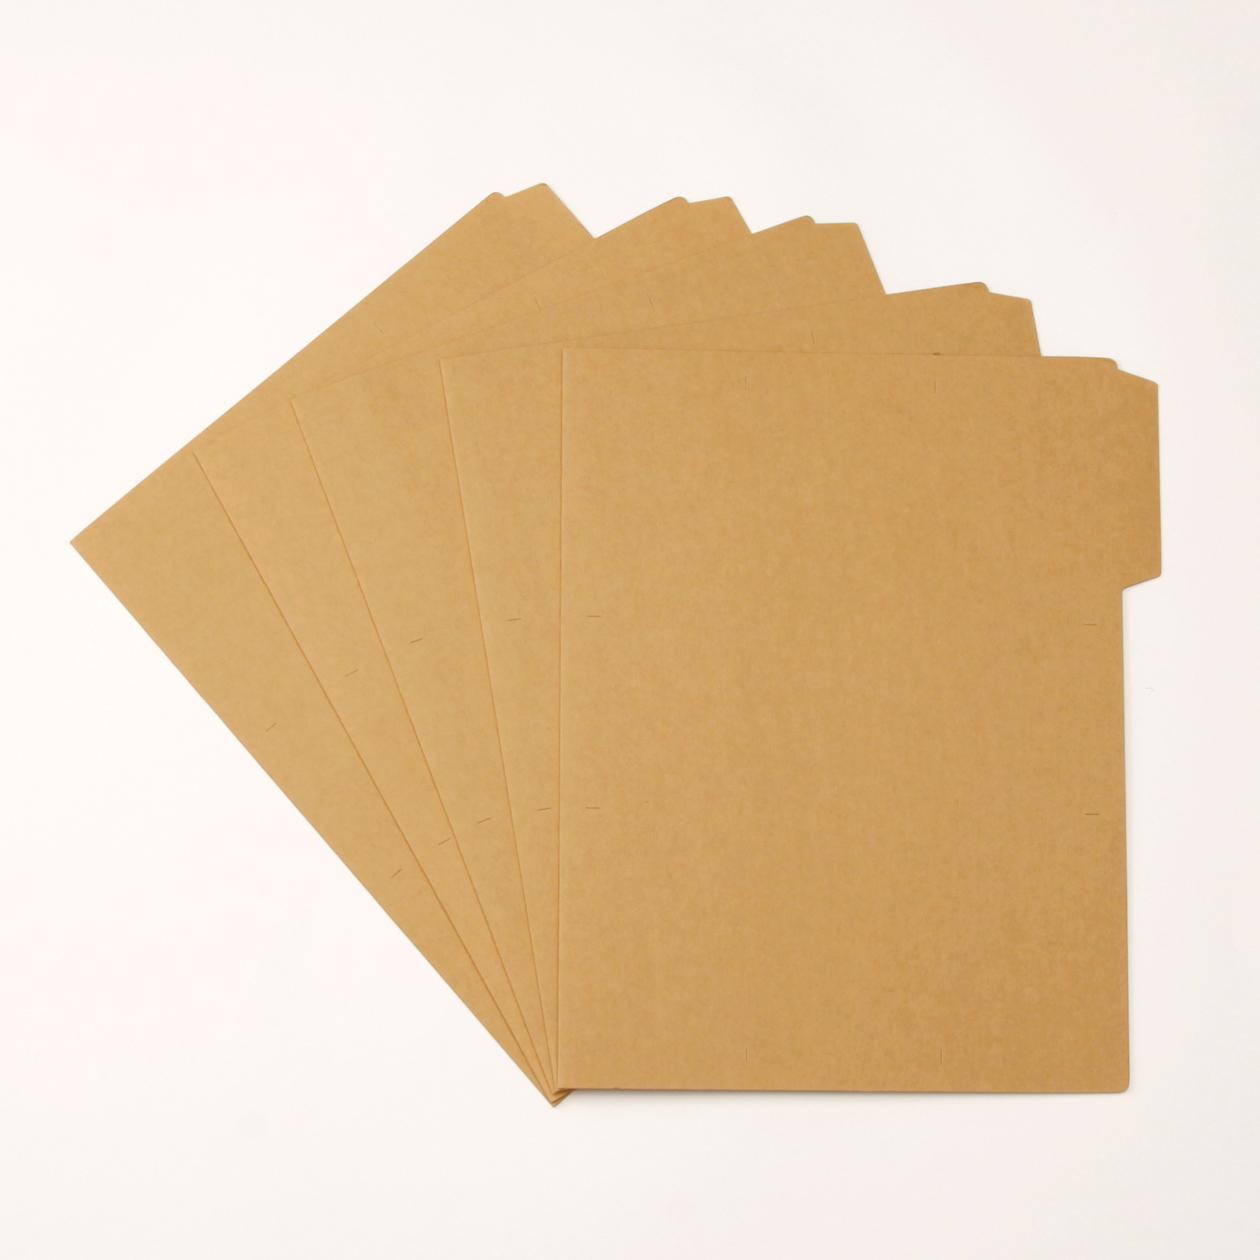 無印良品 再生紙ペーパーホルダー A4サイズ用・5枚入